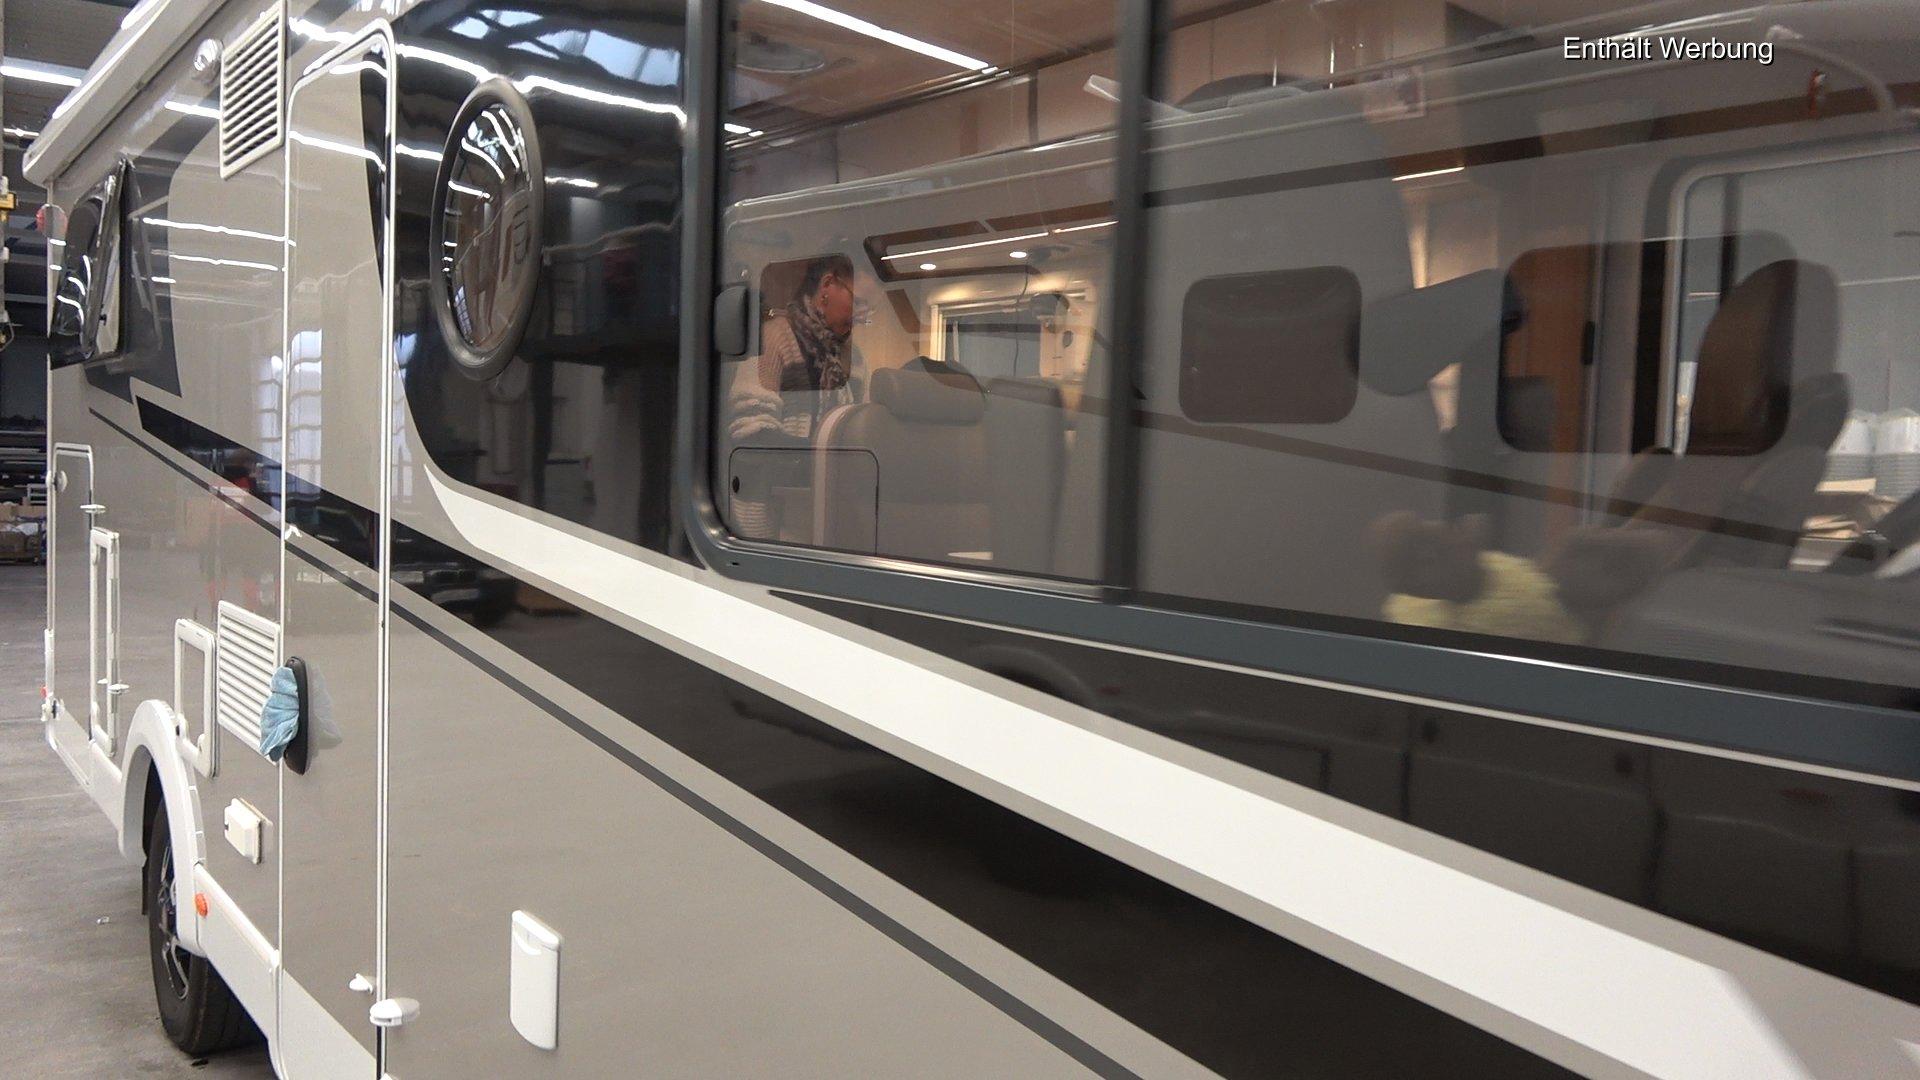 Fahrzeug- und Umweltschutz in einem Aufwasch | Warum eine Glaskeramikversiegelung am Wohnmobil so sinnvoll ist